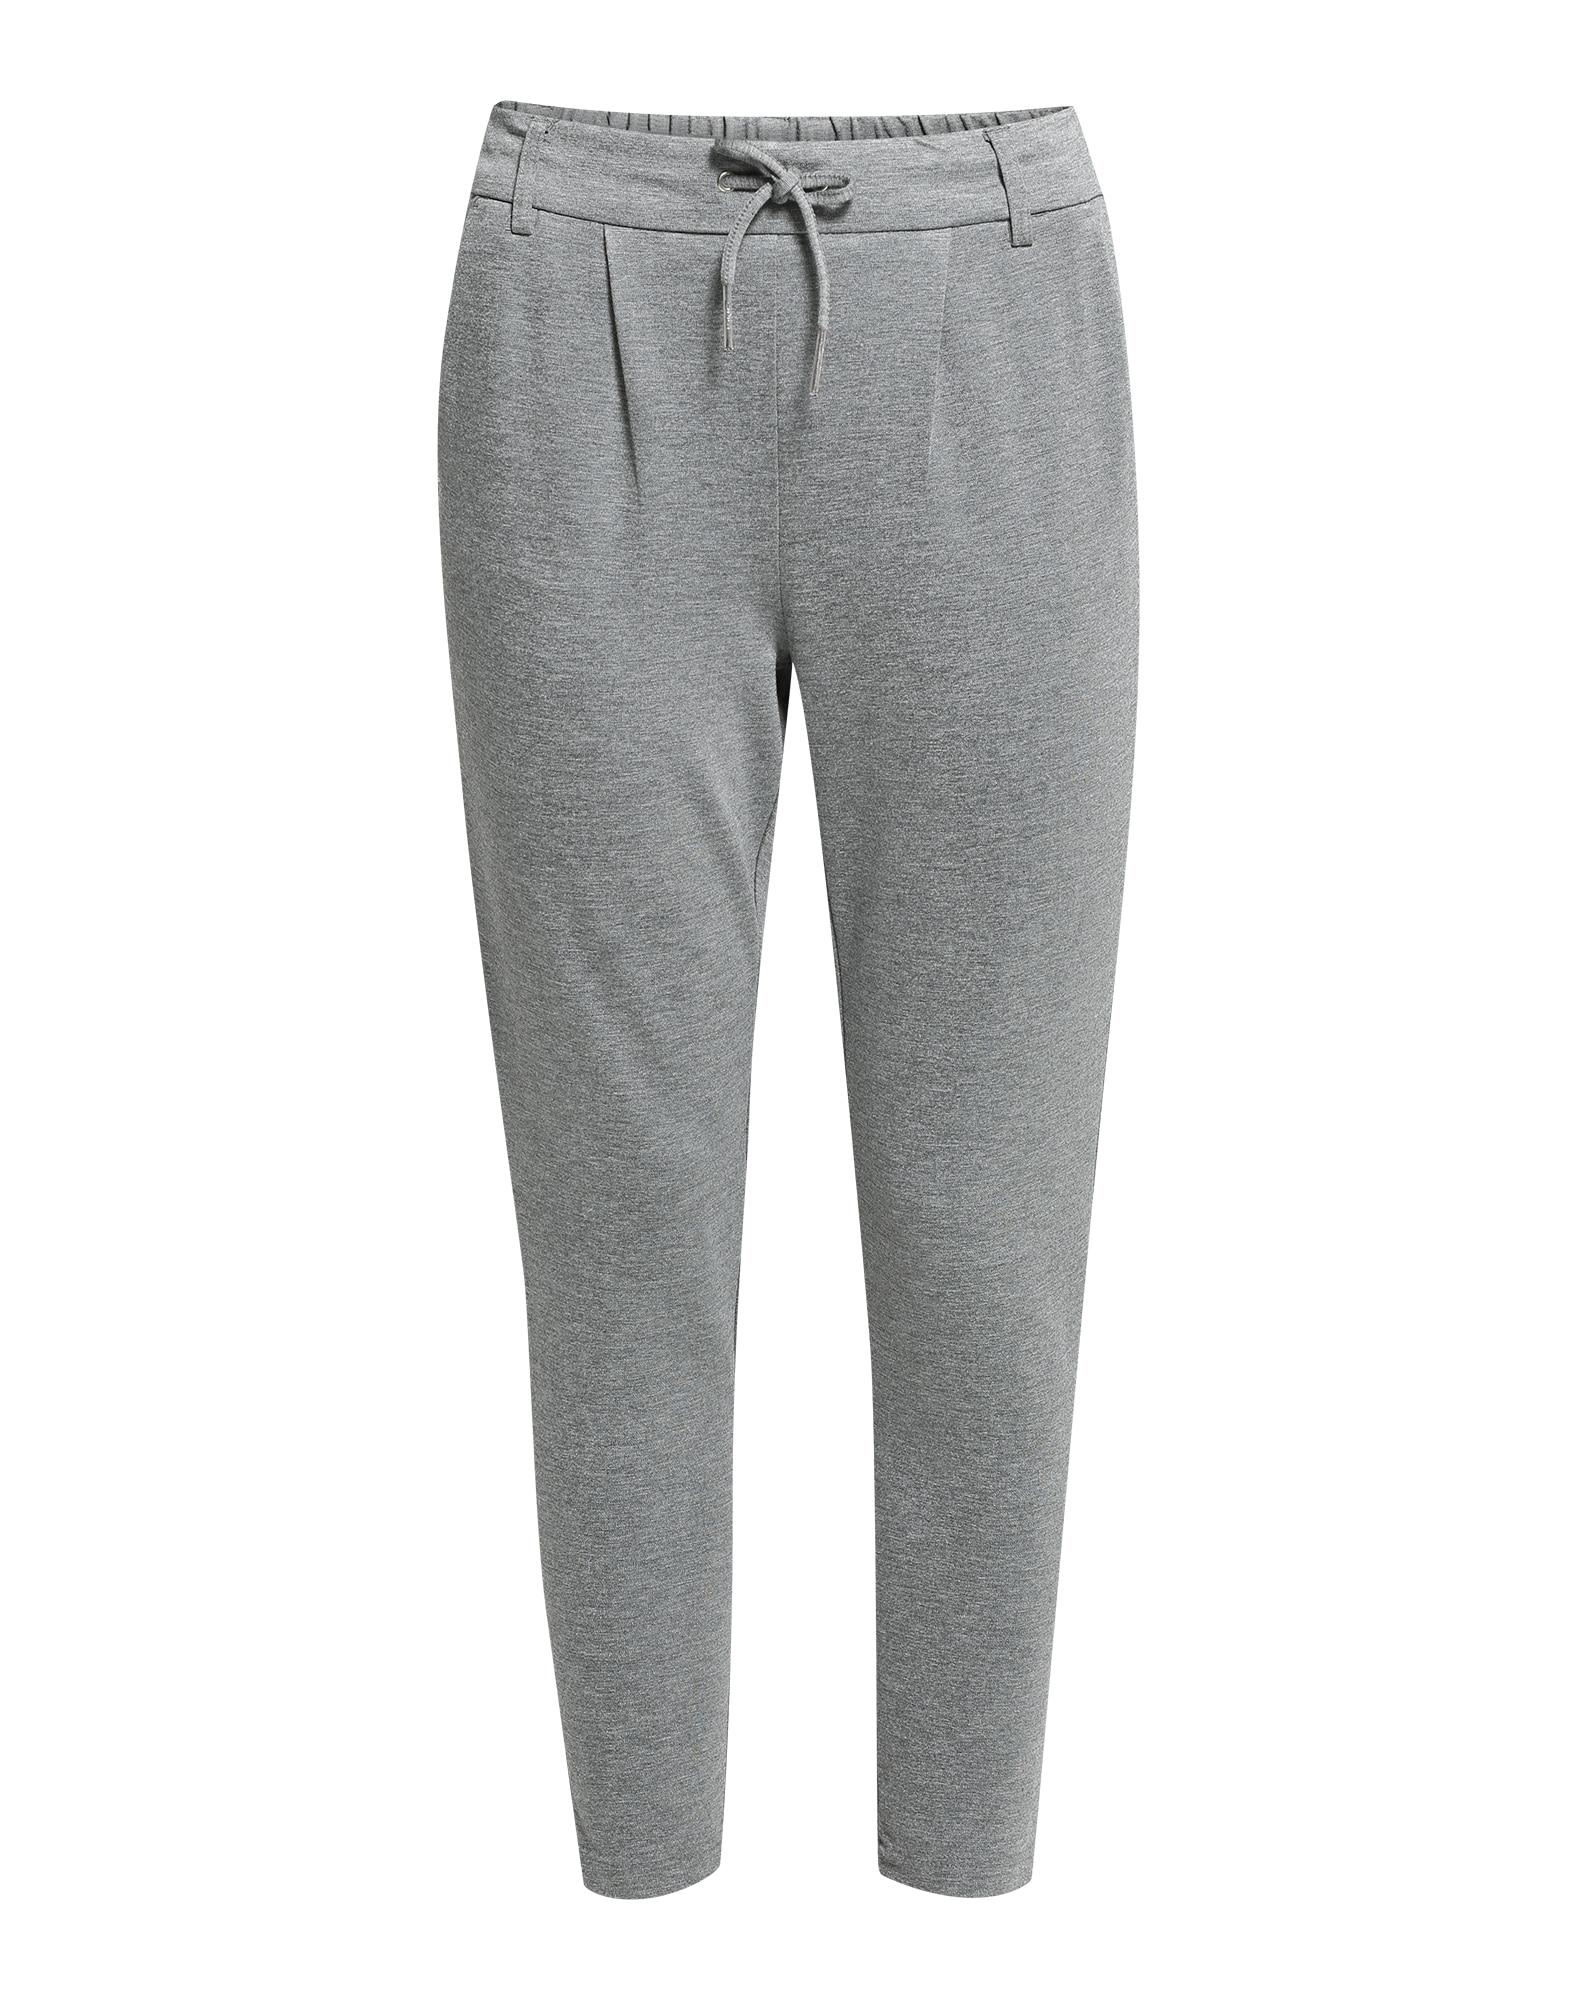 Kalhoty se sklady v pase Poptrash šedý melír ONLY